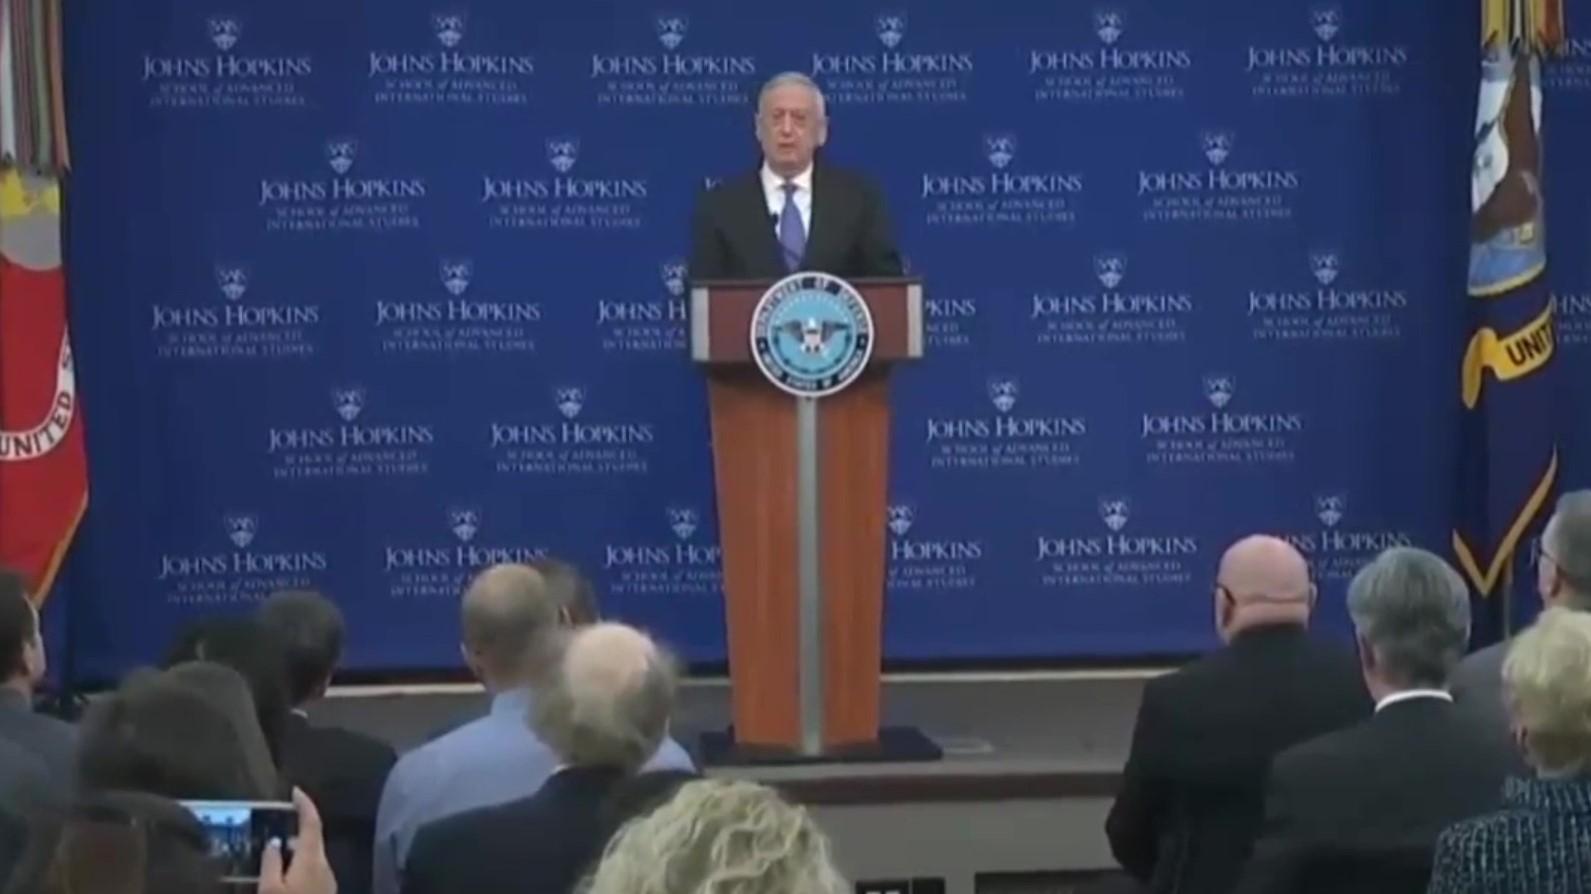 James Mattis: Kina dhe Rusia kërcënim në rritje për SHBA-në